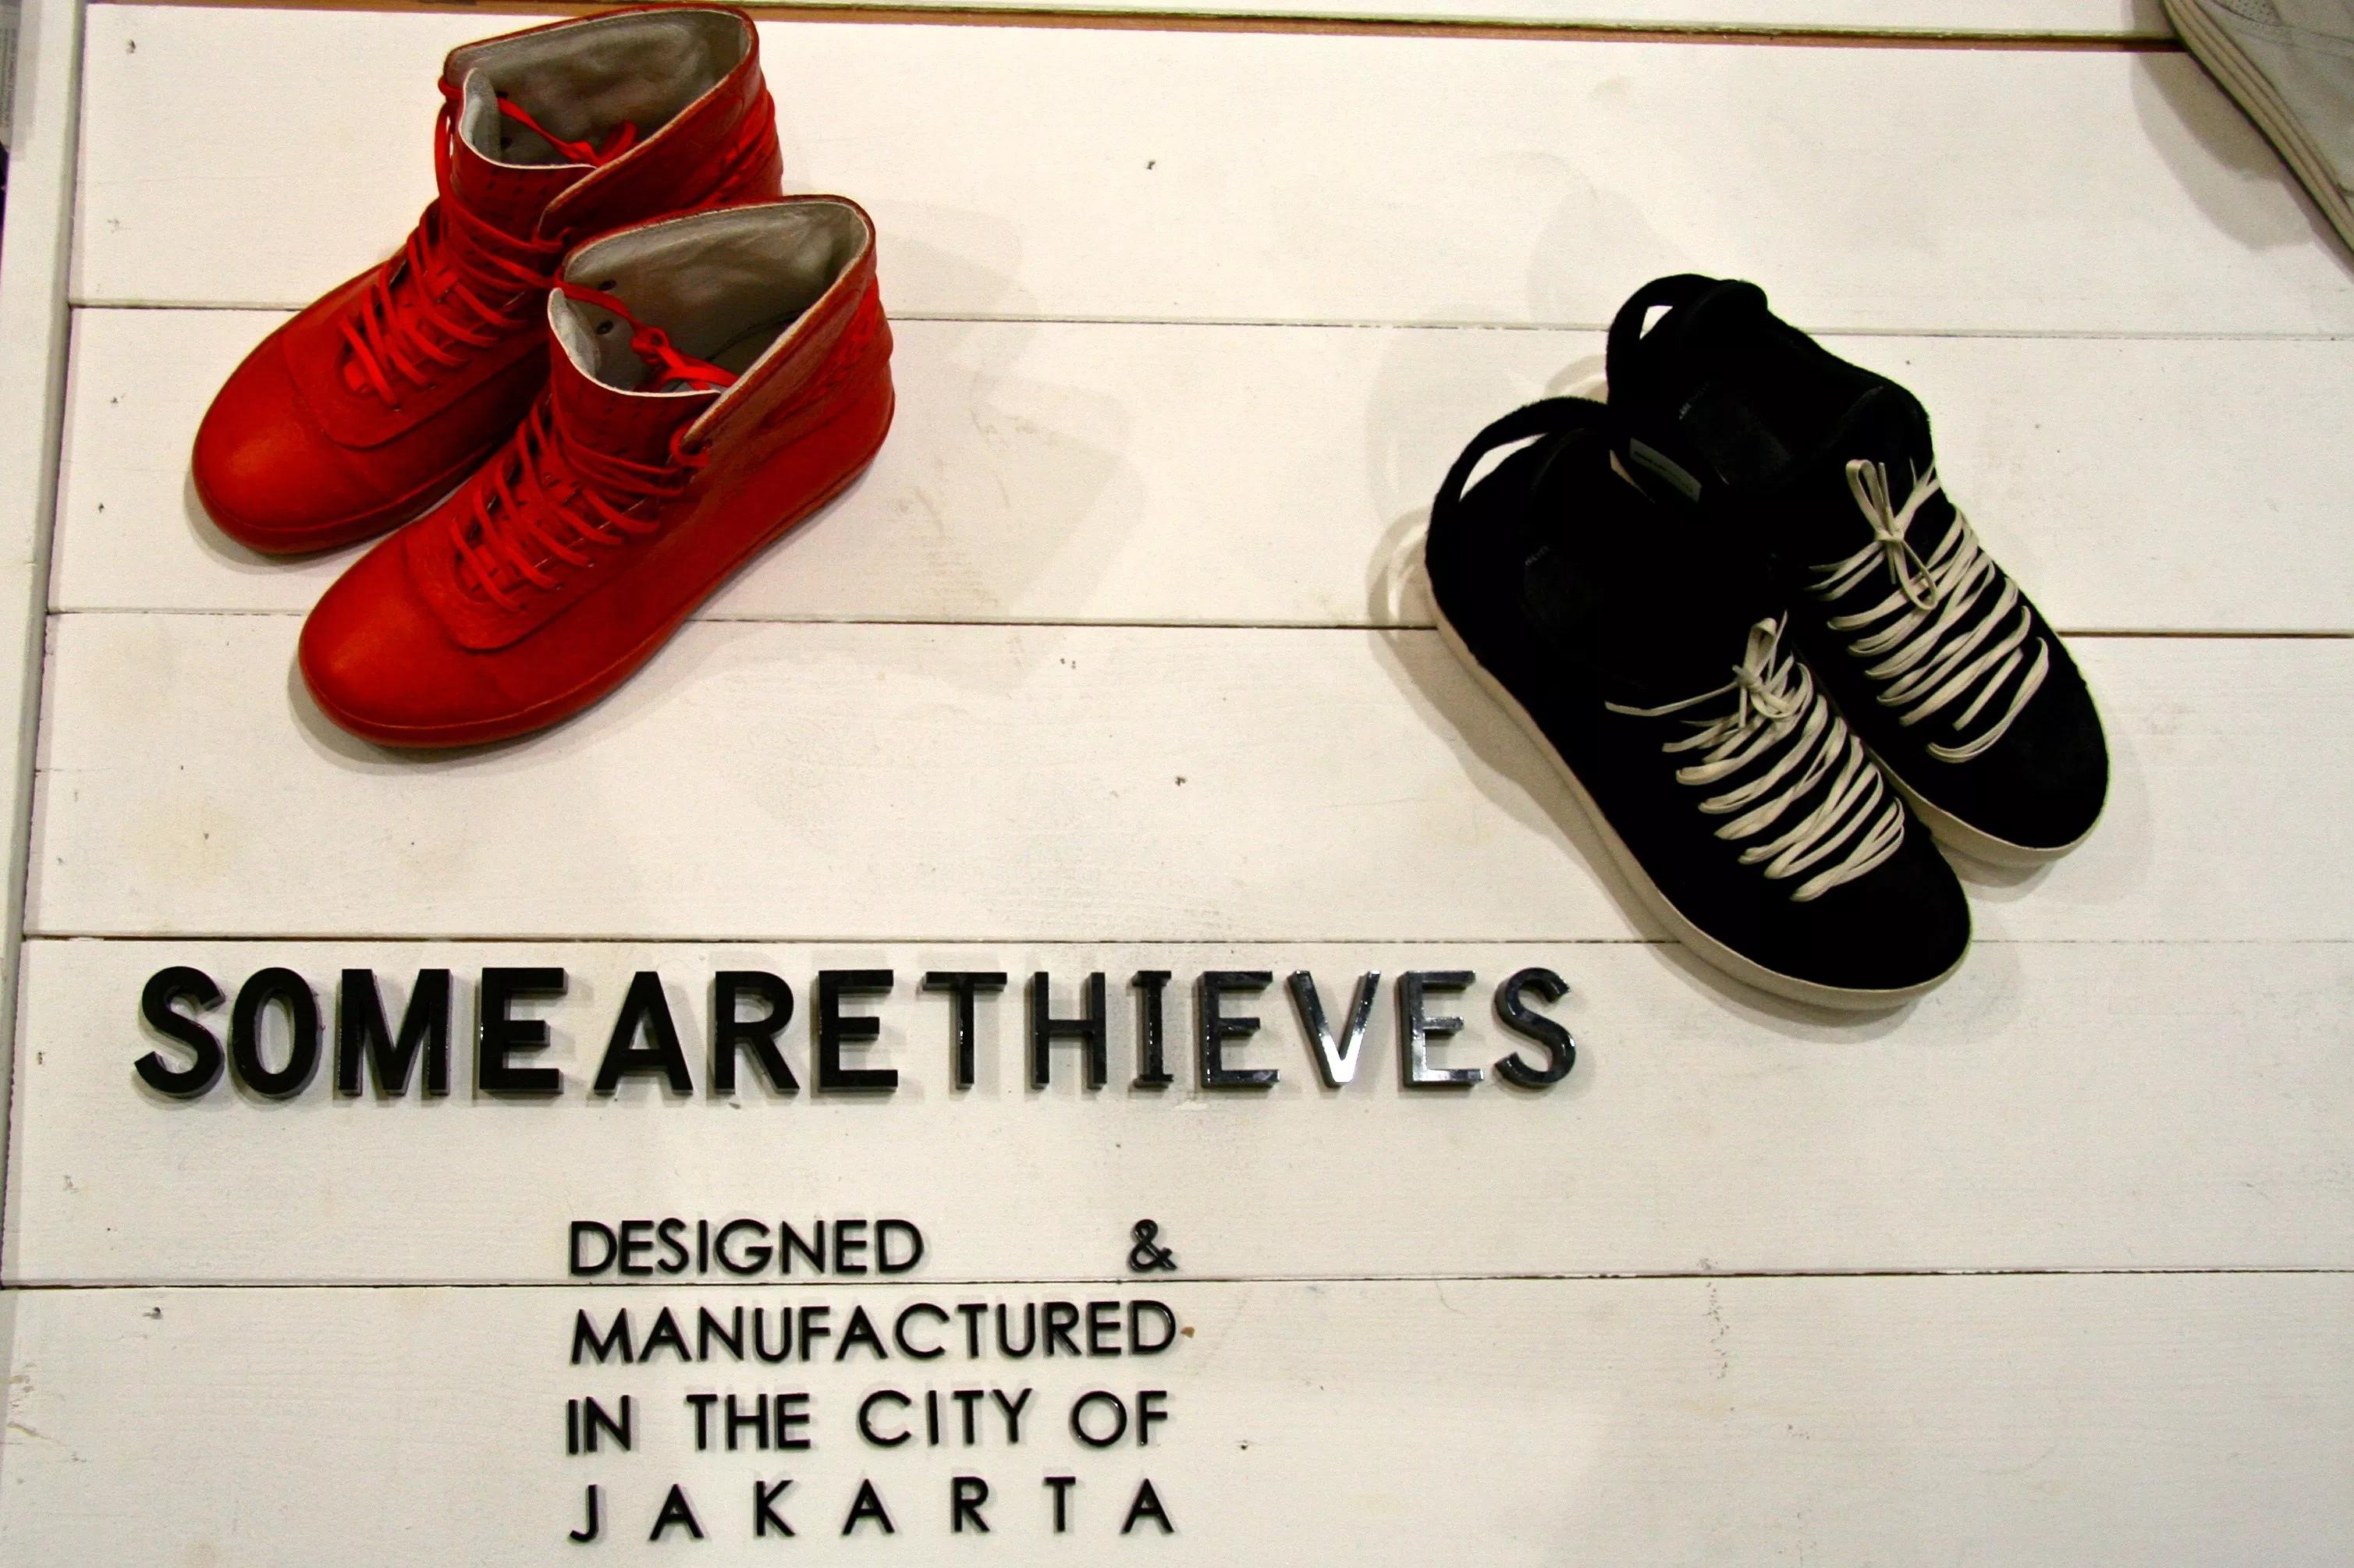 gambar sepatu sepatu indonesia - img 5cdc6c7b9a406 - 19 Merek Sepatu Indonesia Asli untuk Kamu Koleksi